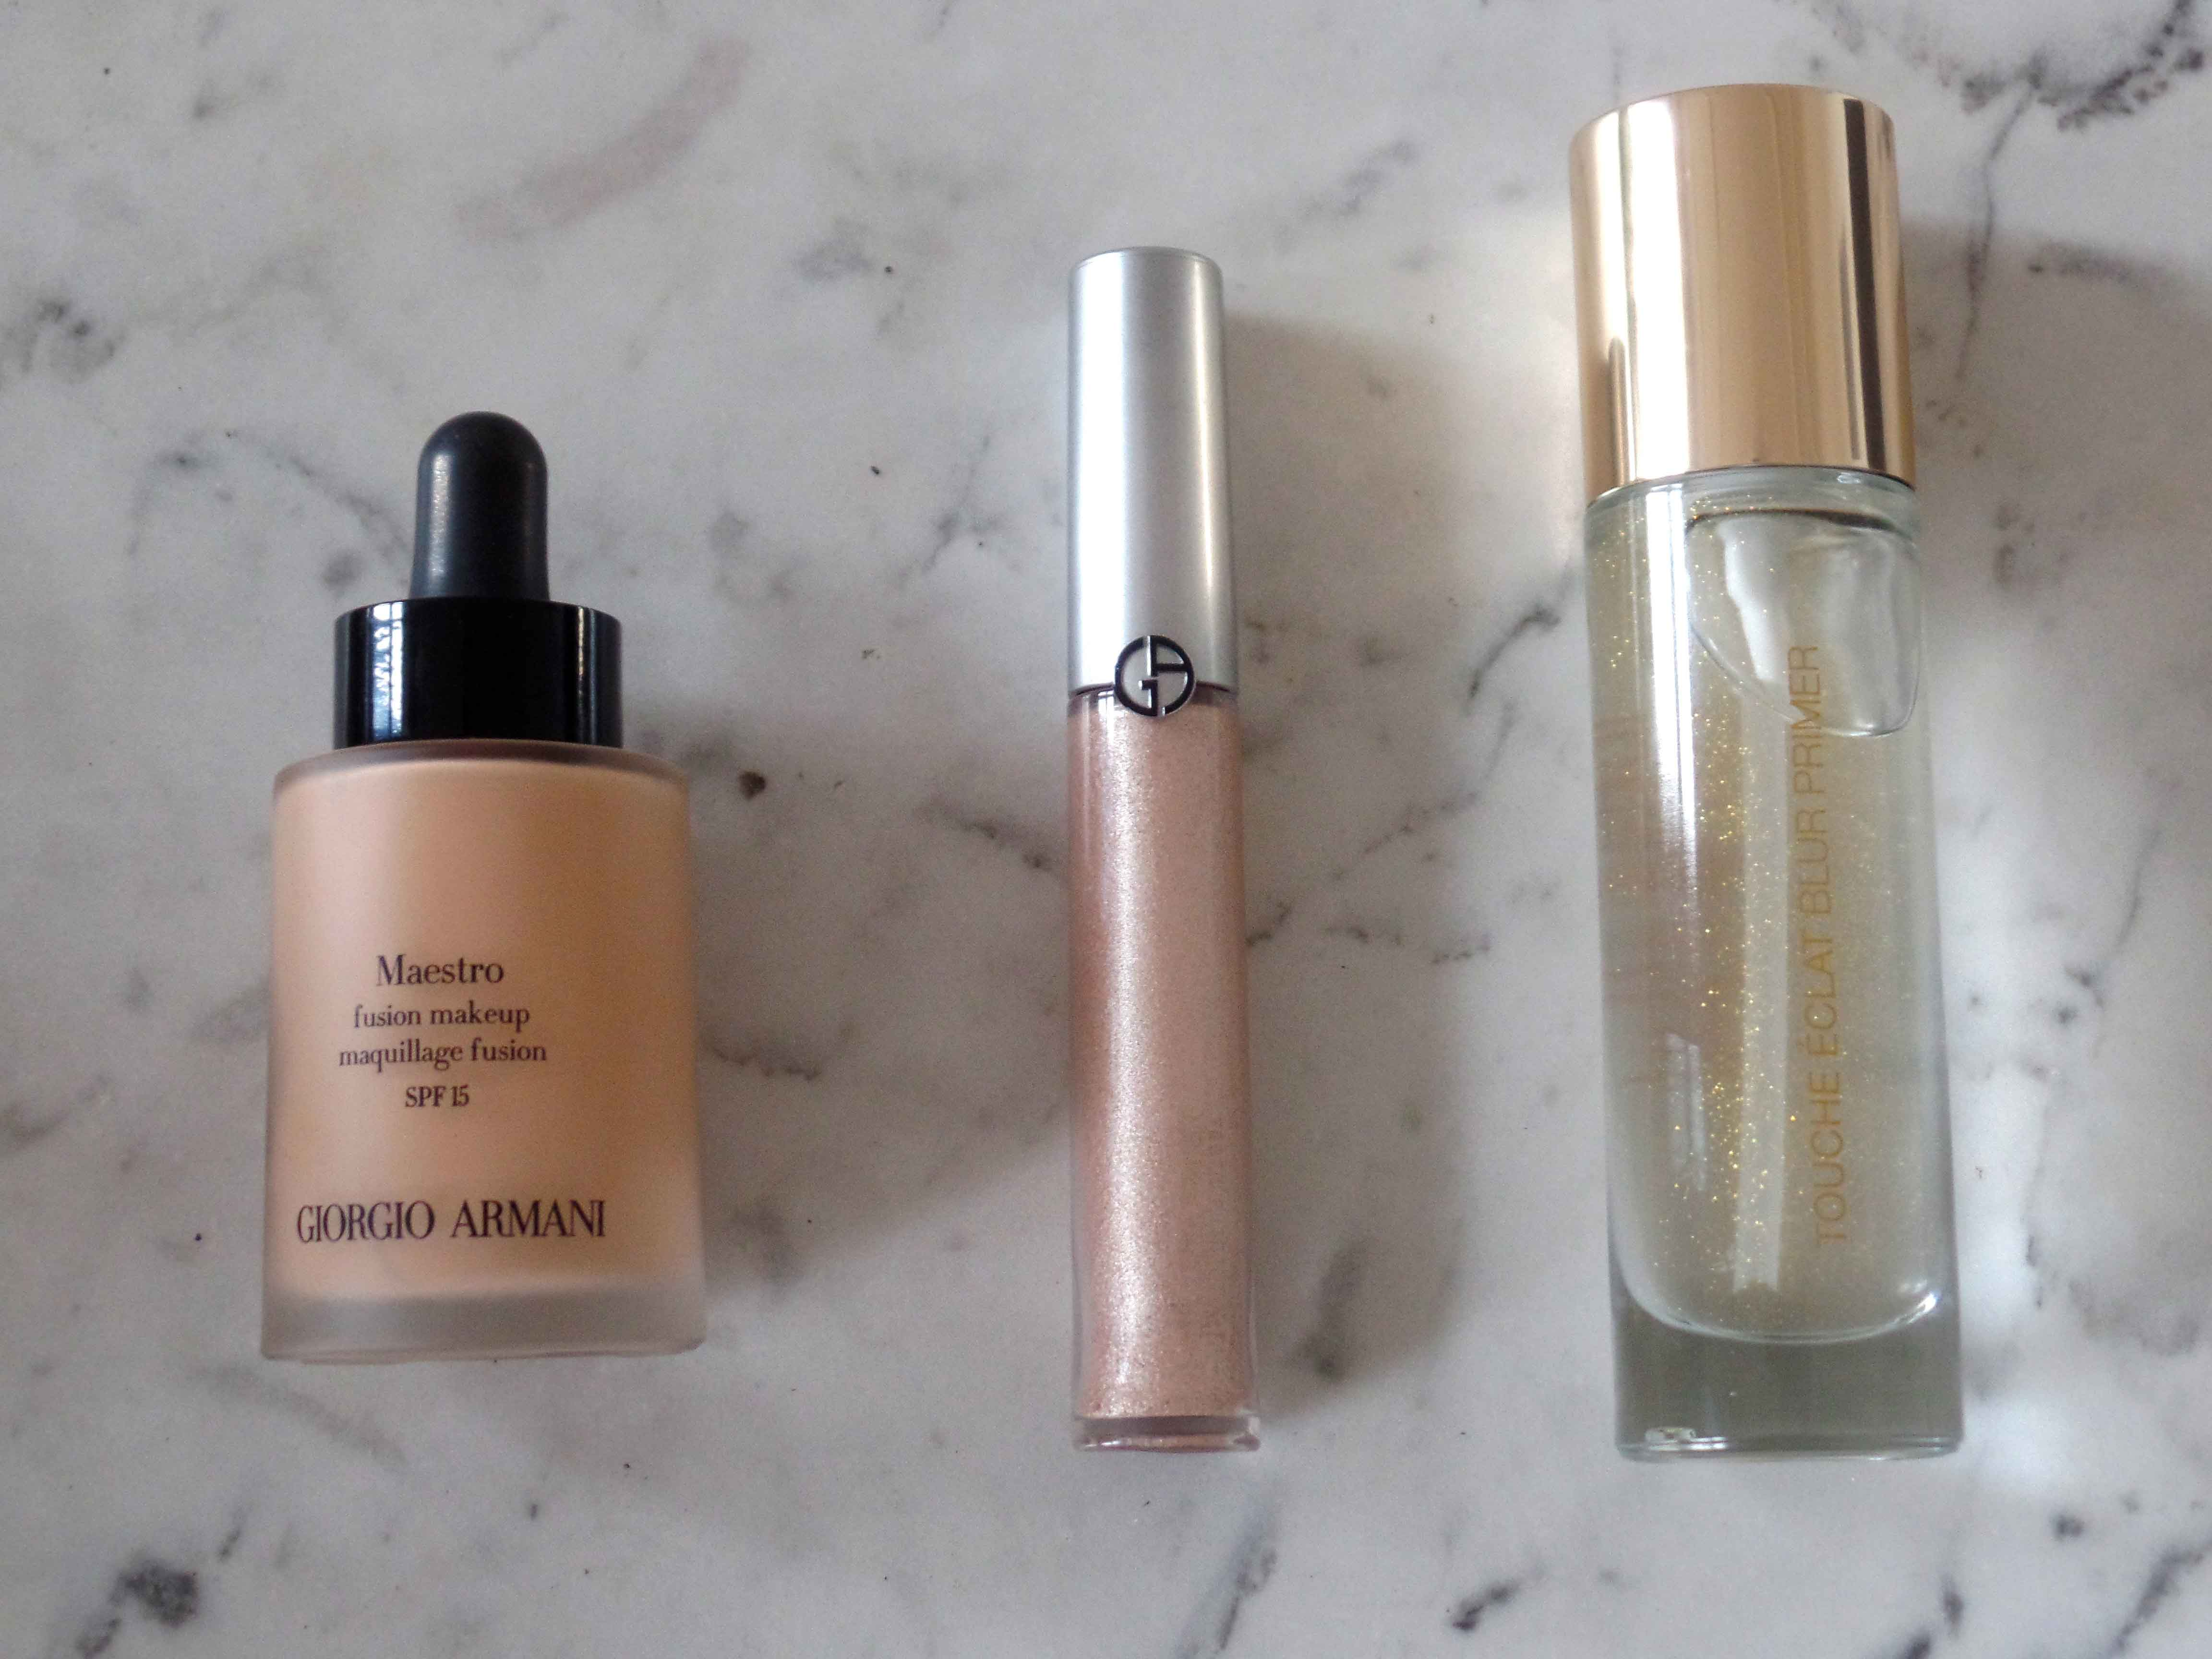 1. Giorgio Armani Maestro Fusion Make-up SPF 15, zartes, Teint-korrigierendes Make-up<br />  2. Giorgio Armani High Lighter für die Augenlider<br />  3.YSL Touche Éclat Blur Primer transparenter Primer mit glättender Wirkung, optimiert das Finish